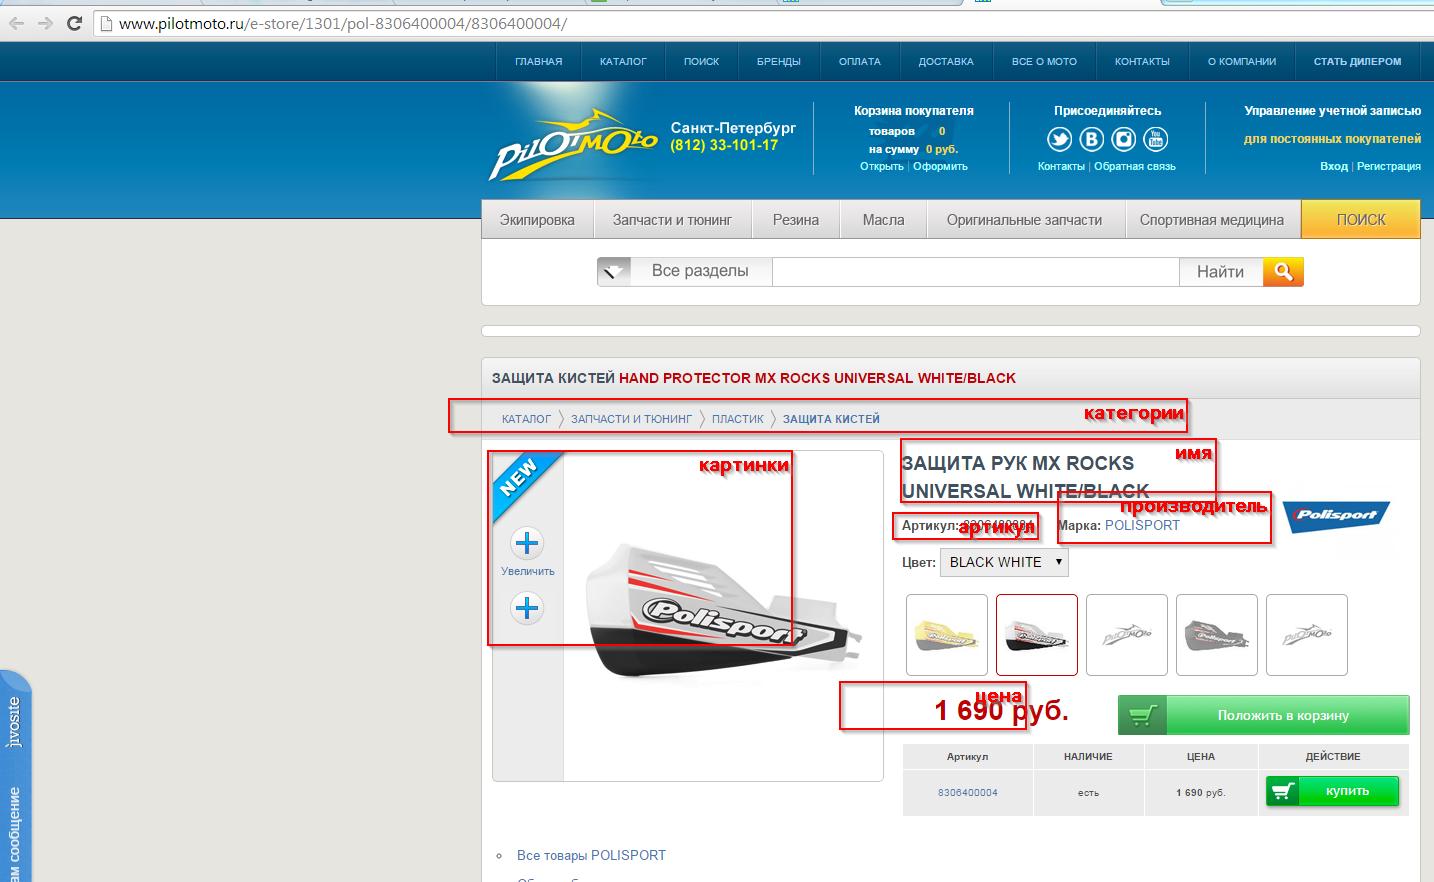 Наполнение магазина товарами из pilotmoto.ru